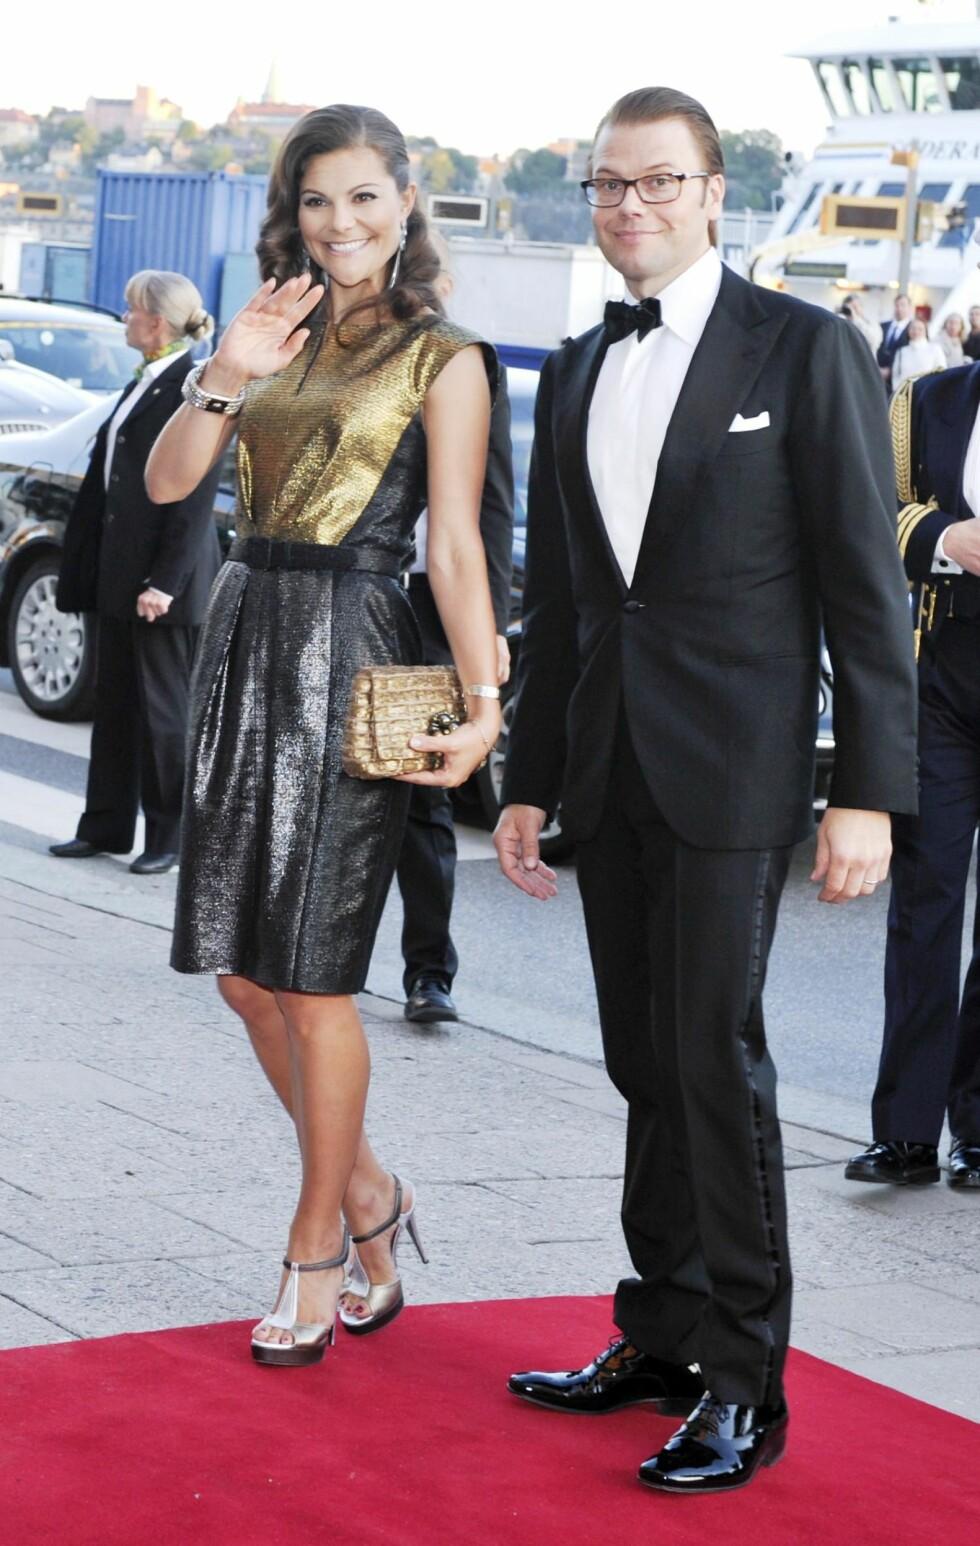 RÅLEKKER: Kronprinsesse Victoria og ektemannen prins Daniel under Polar Music Prize-banketten på Grand Hotel i Stockholm i 2010. FOTO: NTB scanpix